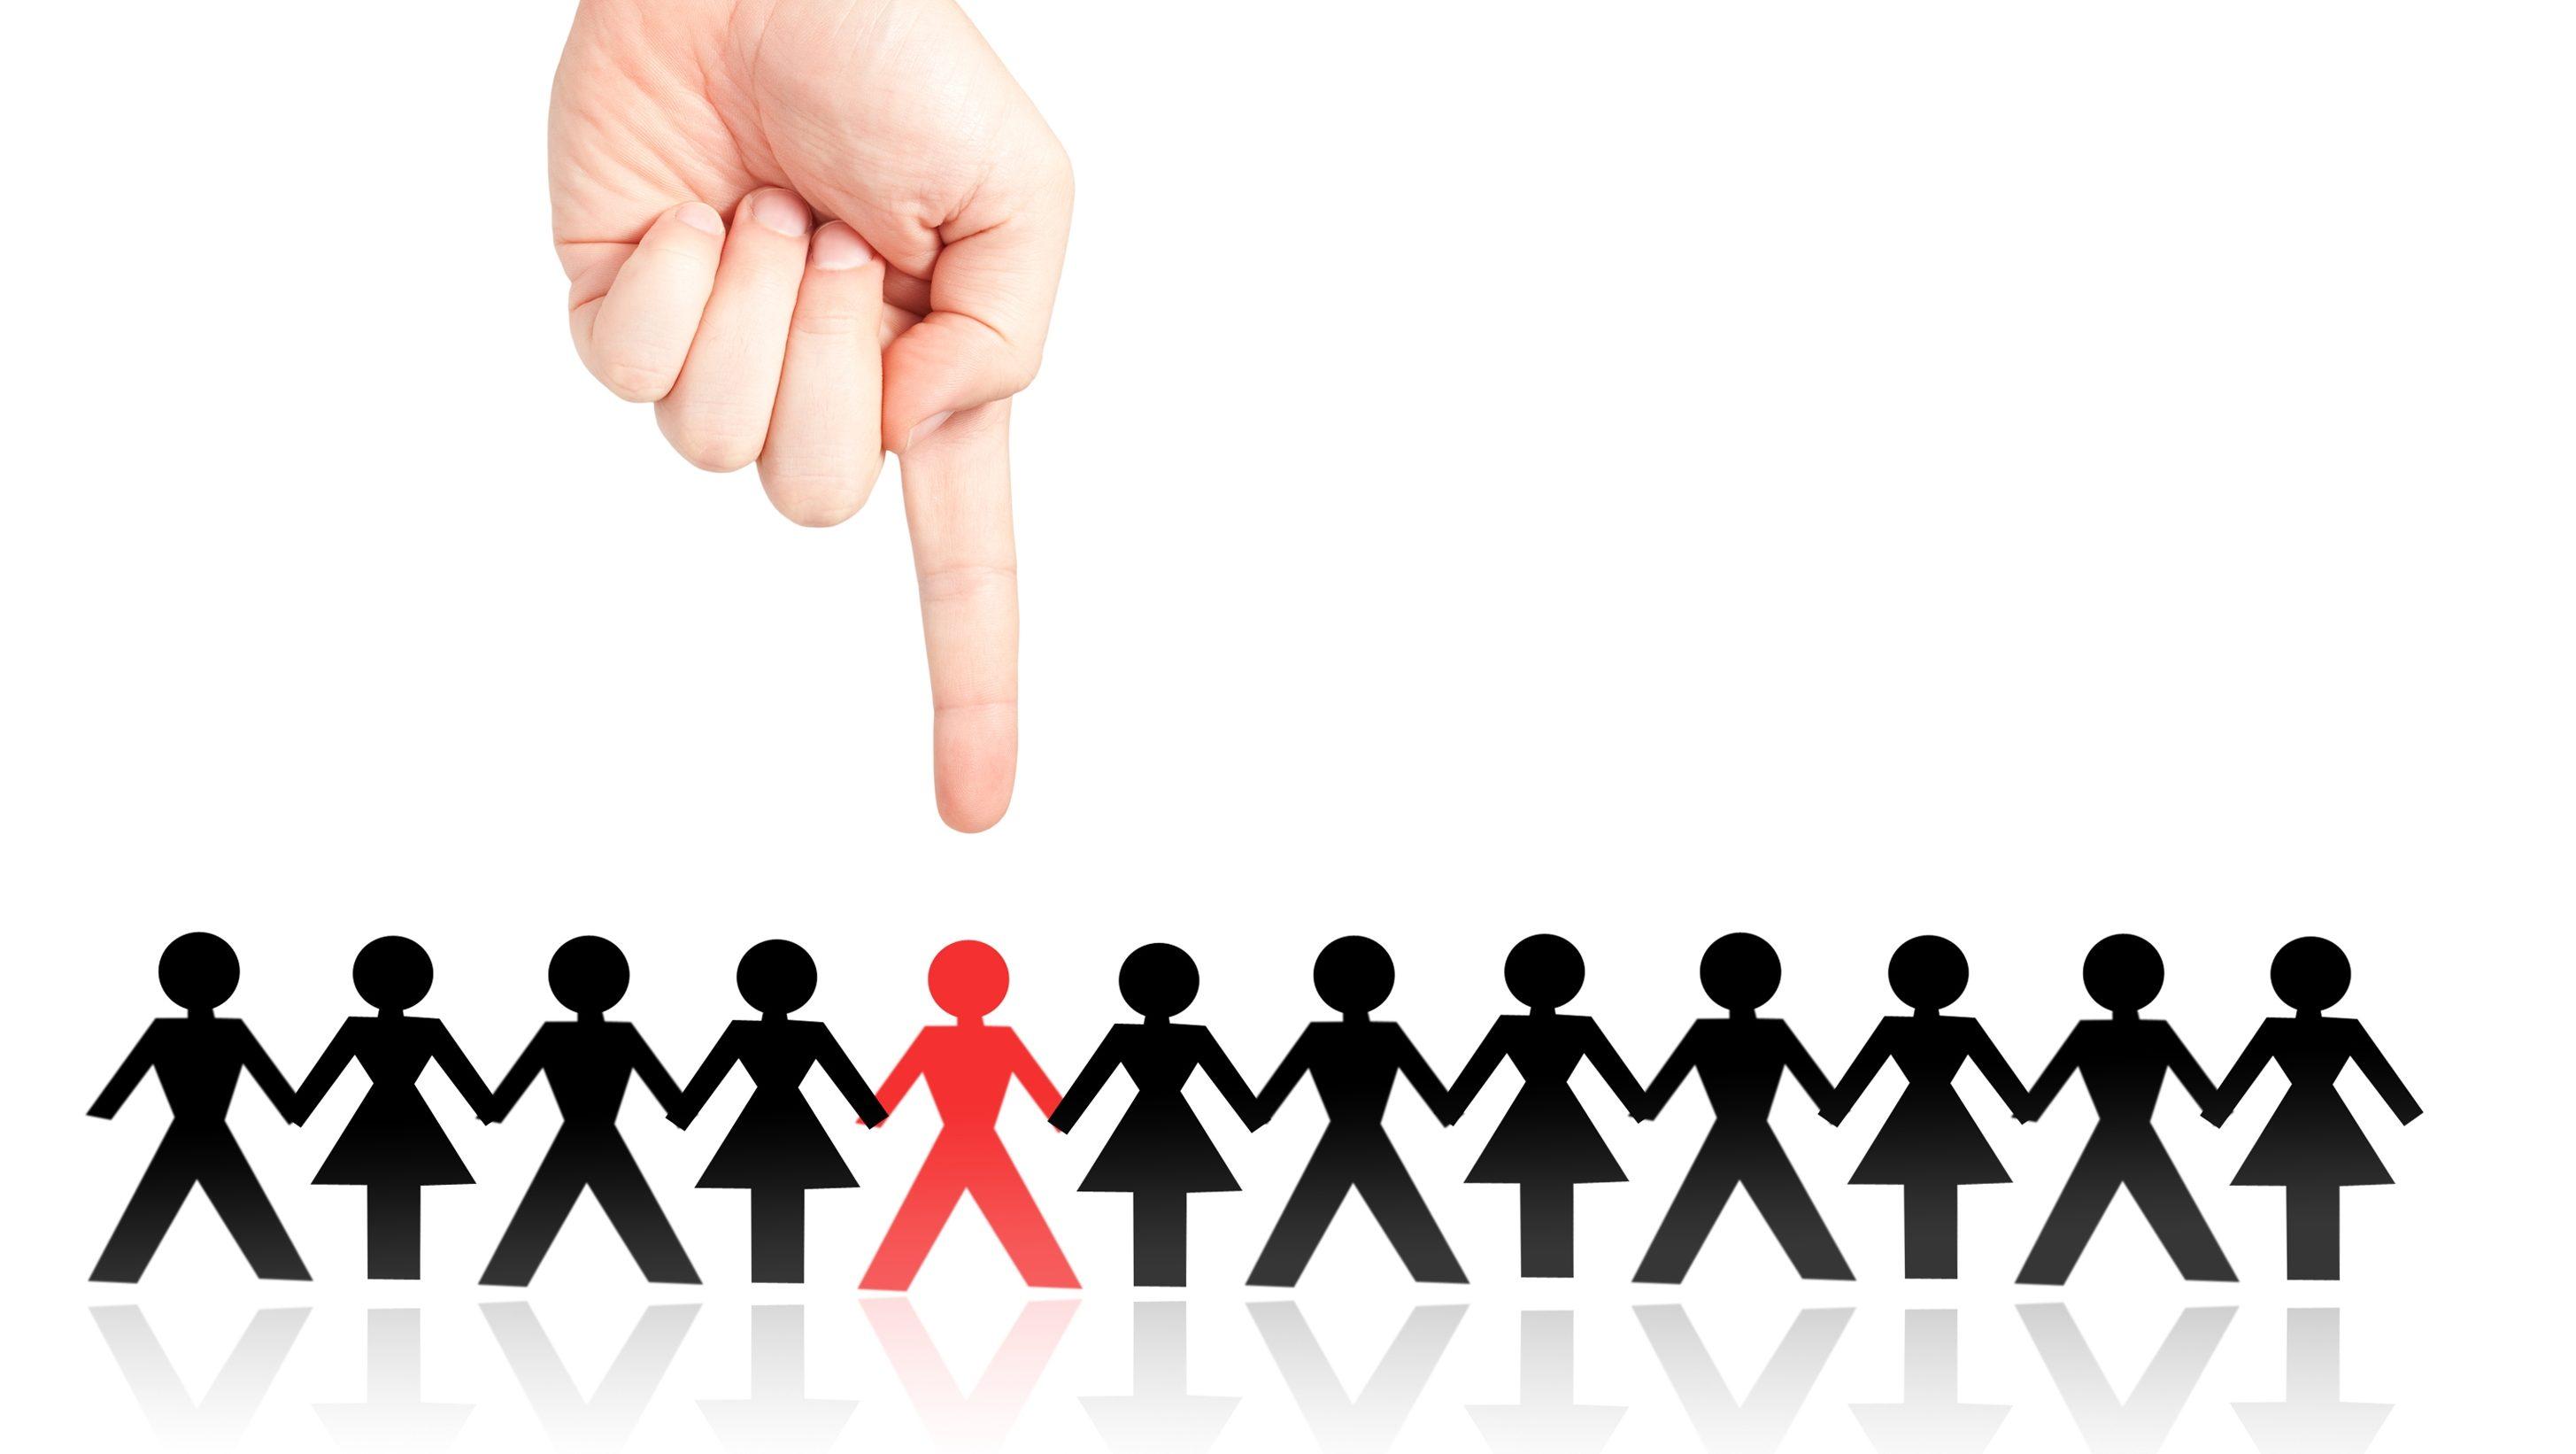 Consiliul pentru prevenirea și eliminarea discriminării și asigurarea egalității ar putea avea dreptul de sesizare a Curții Constituționale